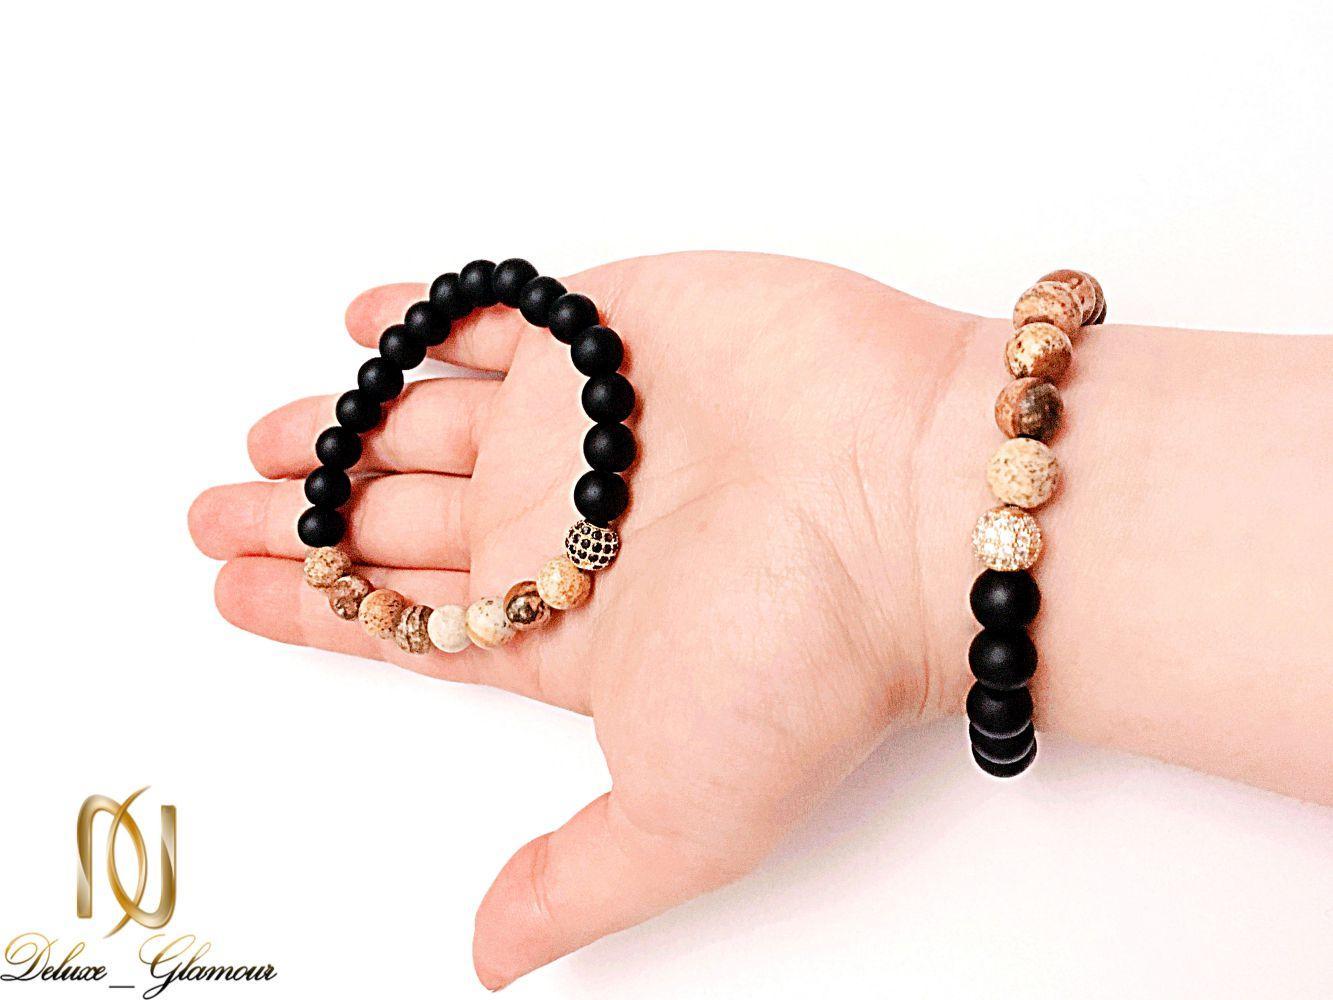 دستبند ست دخترانه و پسرانه سنگ اونيكس و جاسپر ds-n225 از نمای روی دست